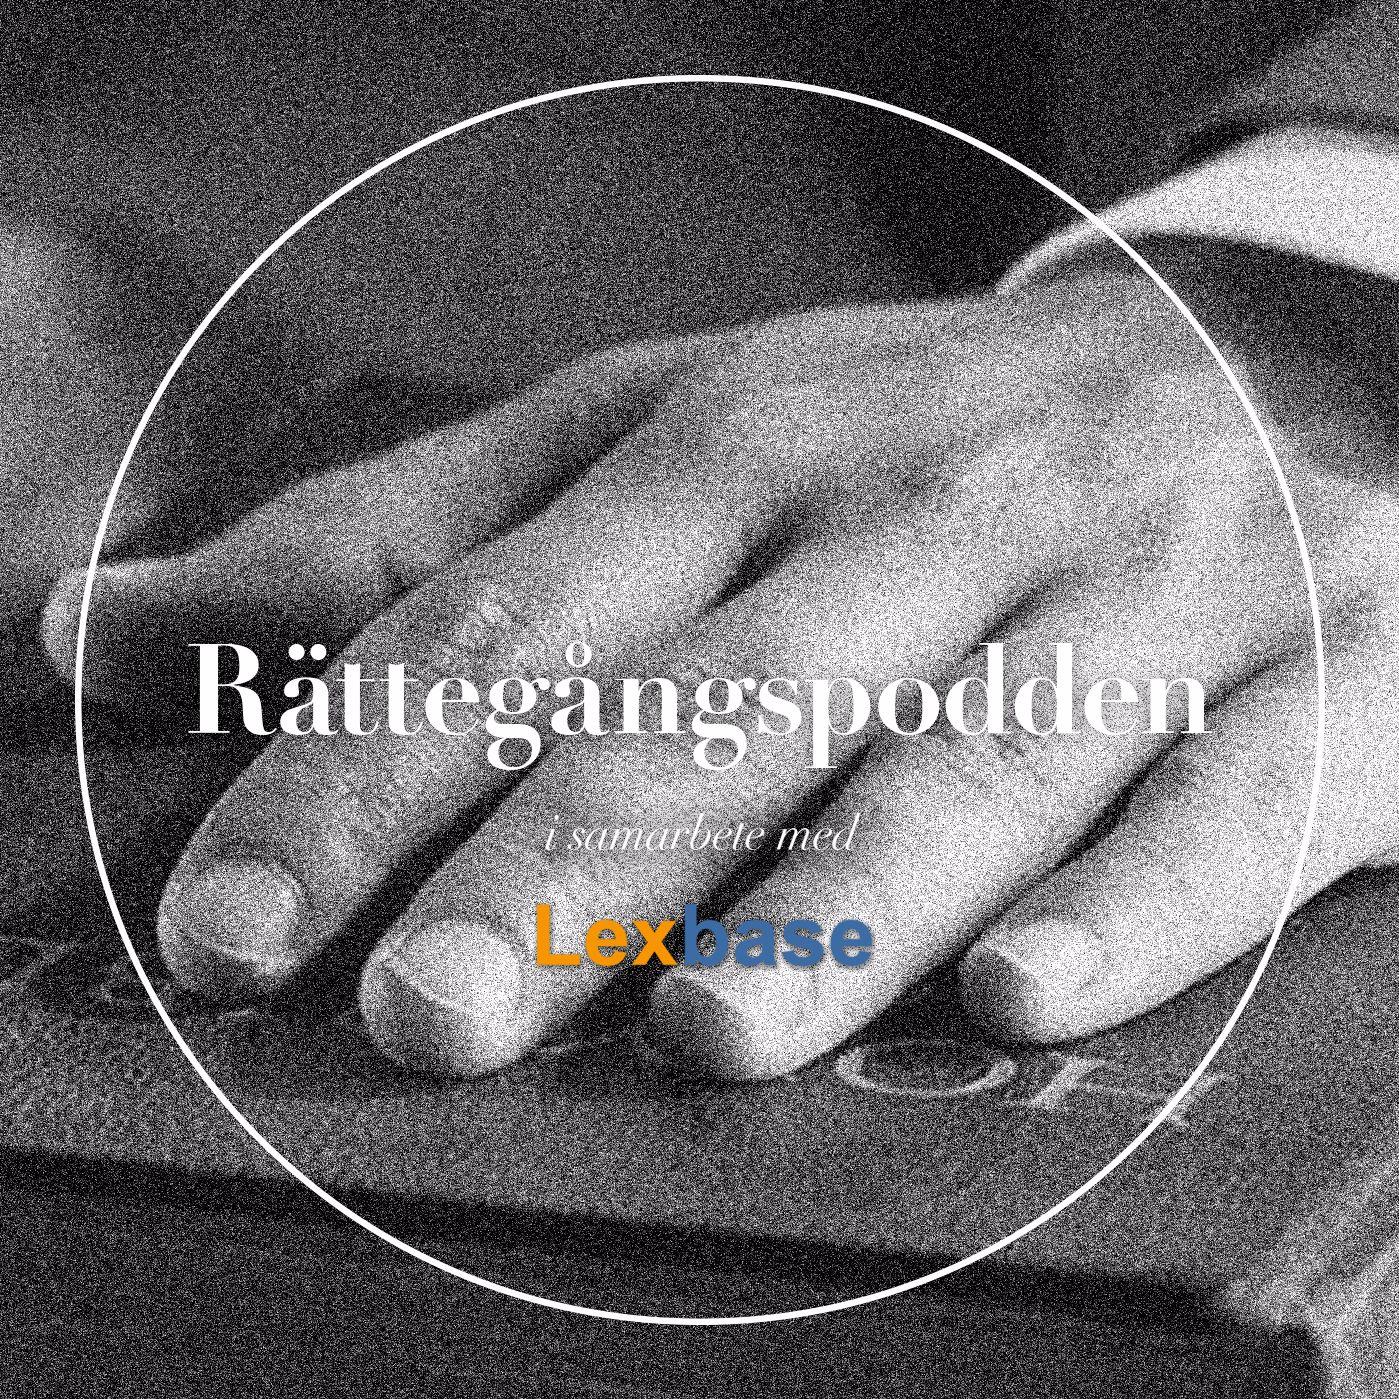 S03E10 Skotten i Vallåkra - Del 1